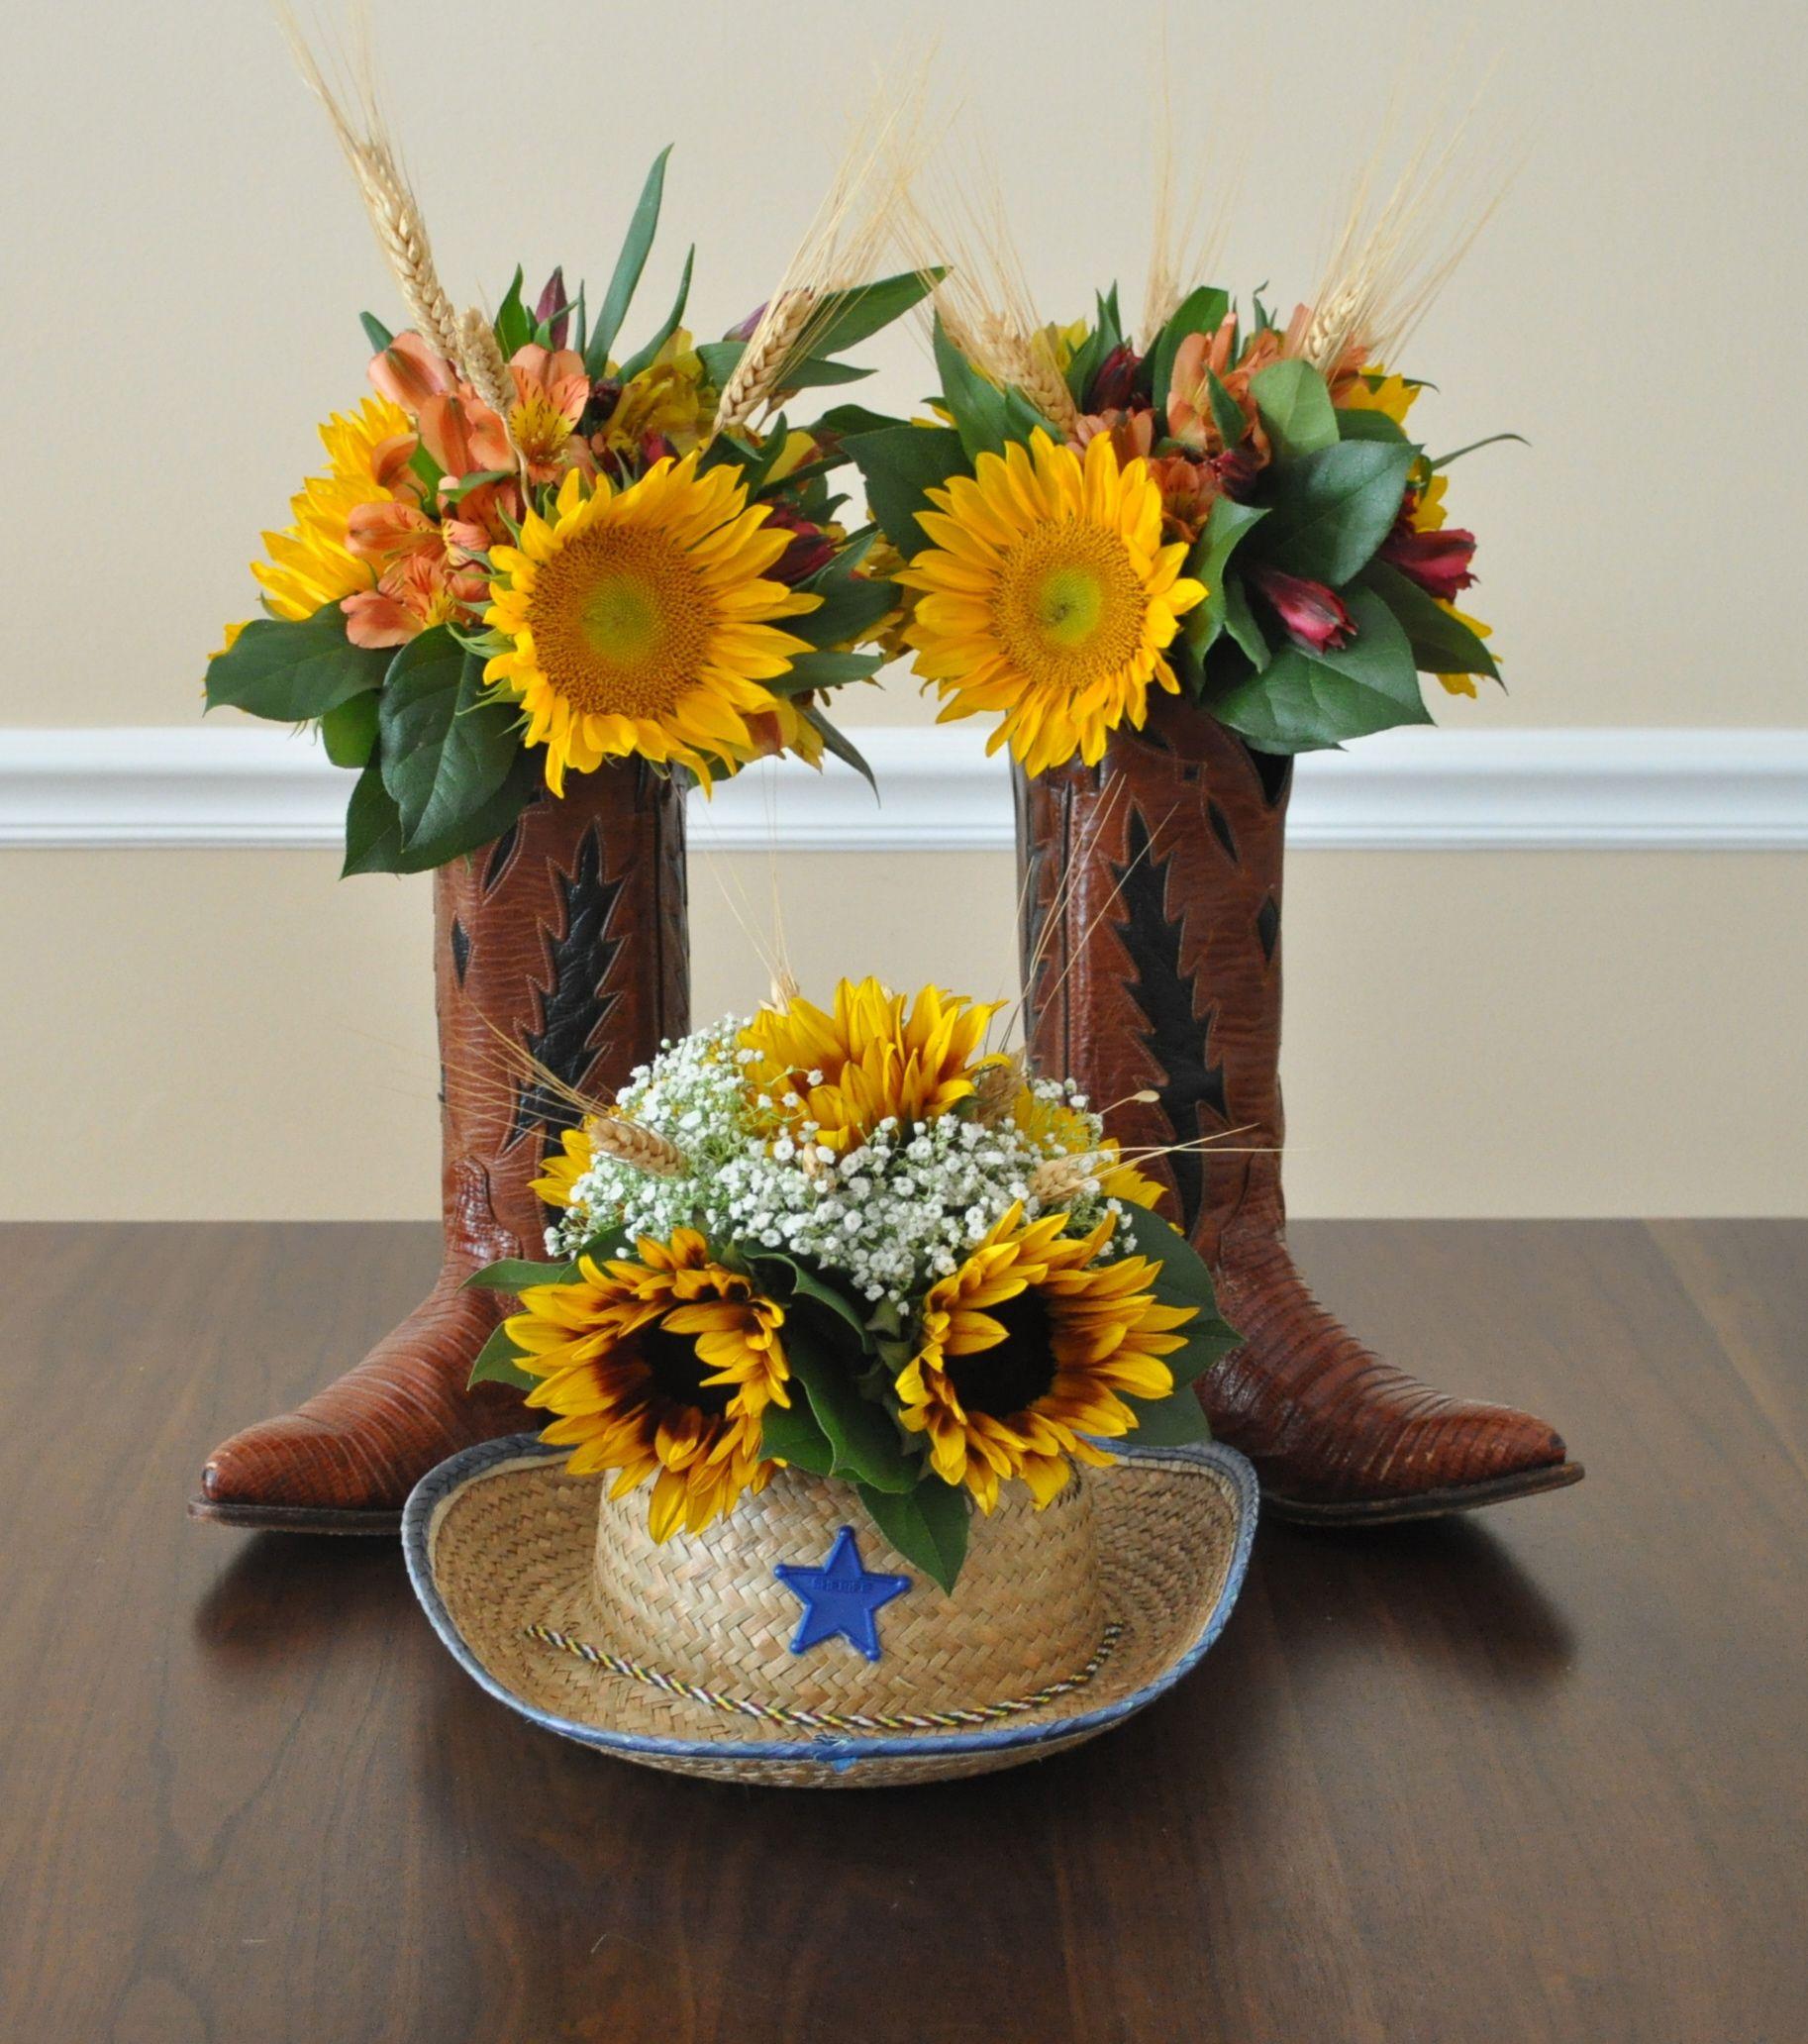 Floral design flower arrangements for wild west party for Flower arrangements for parties